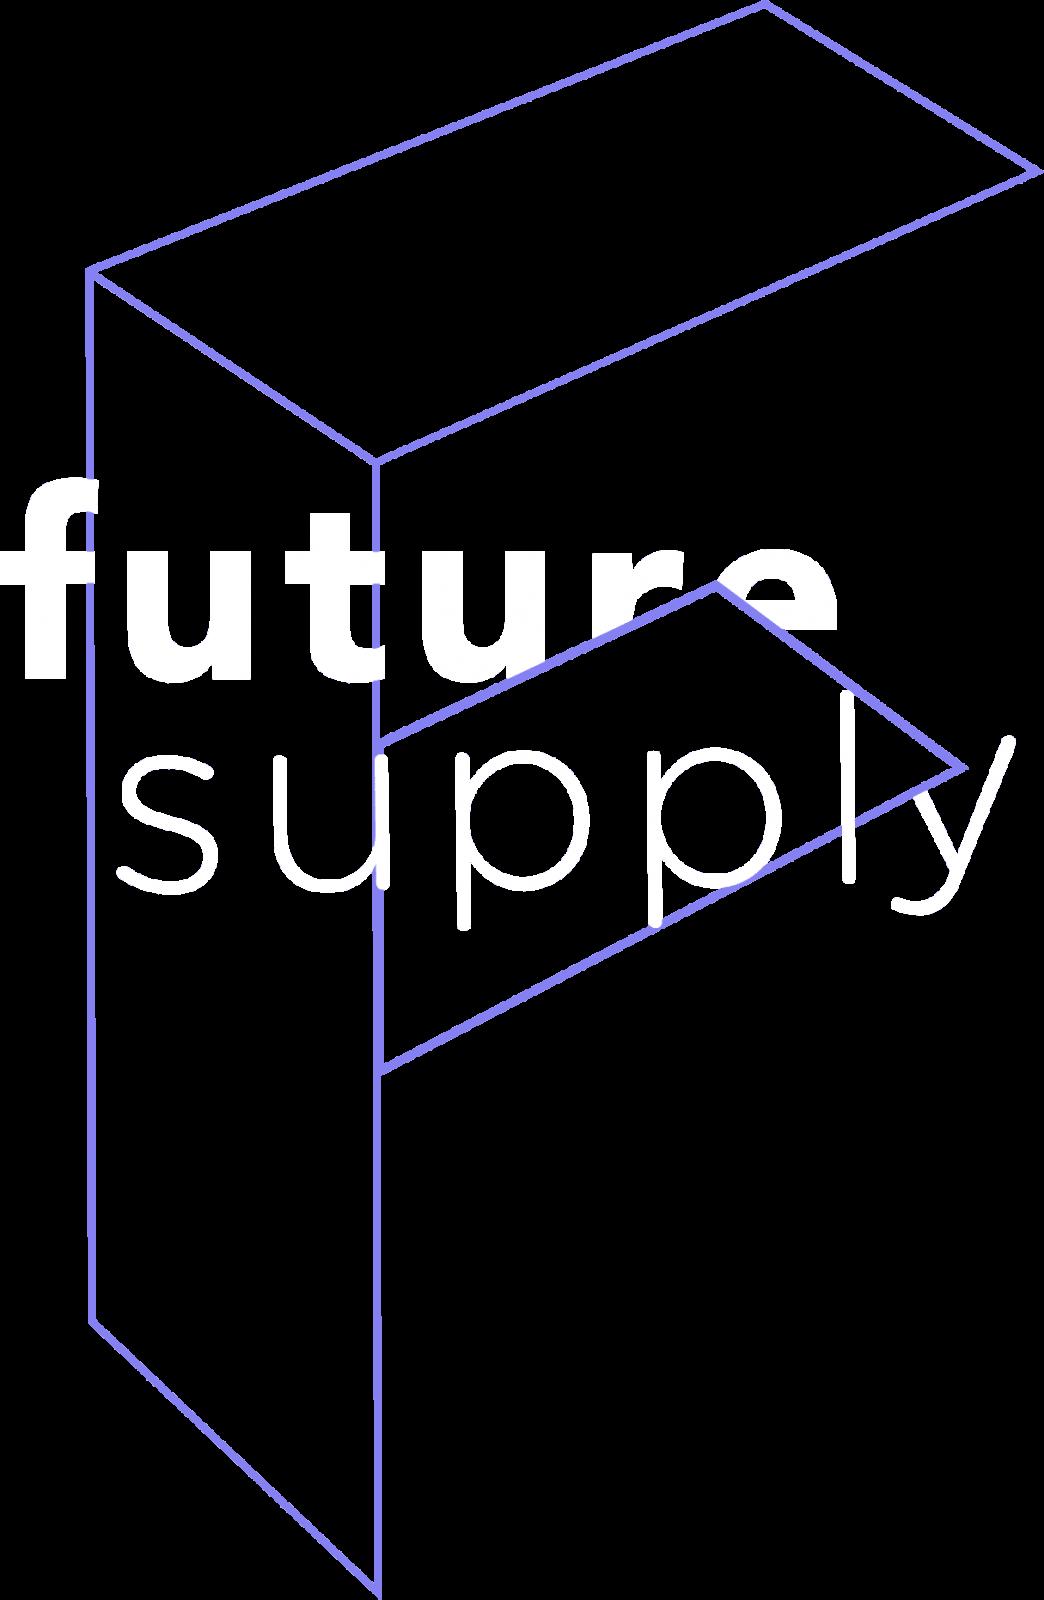 Future Supply Phillip Marc Heiberger & Steffen Haberkorn